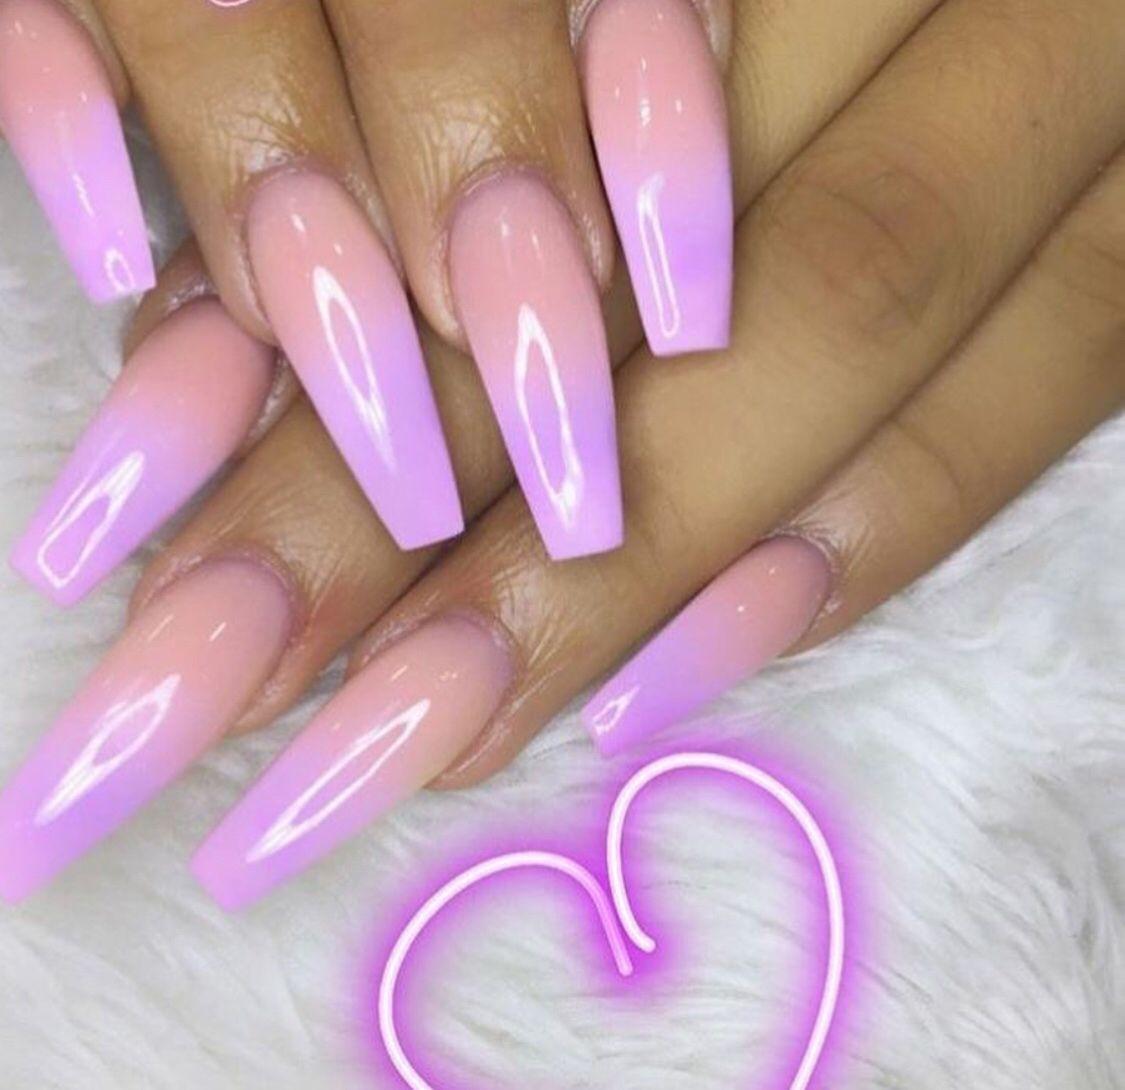 Pin By Mitzi Espina On Nails Purple Nails Gorgeous Nails Nail Designs